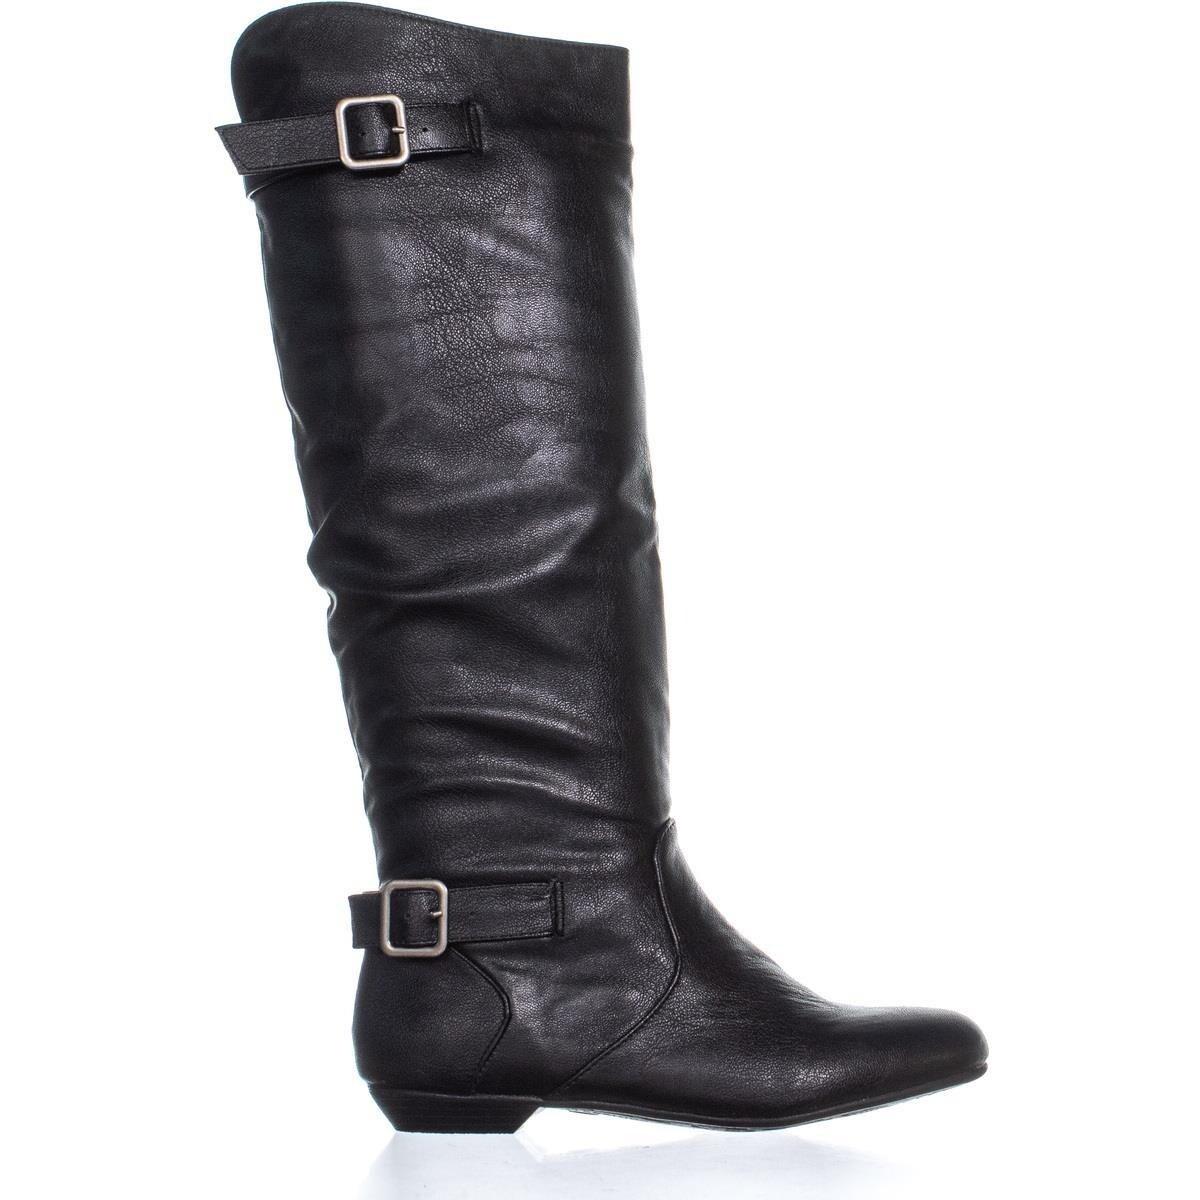 Shot Flat Riding Mid Calf Boots